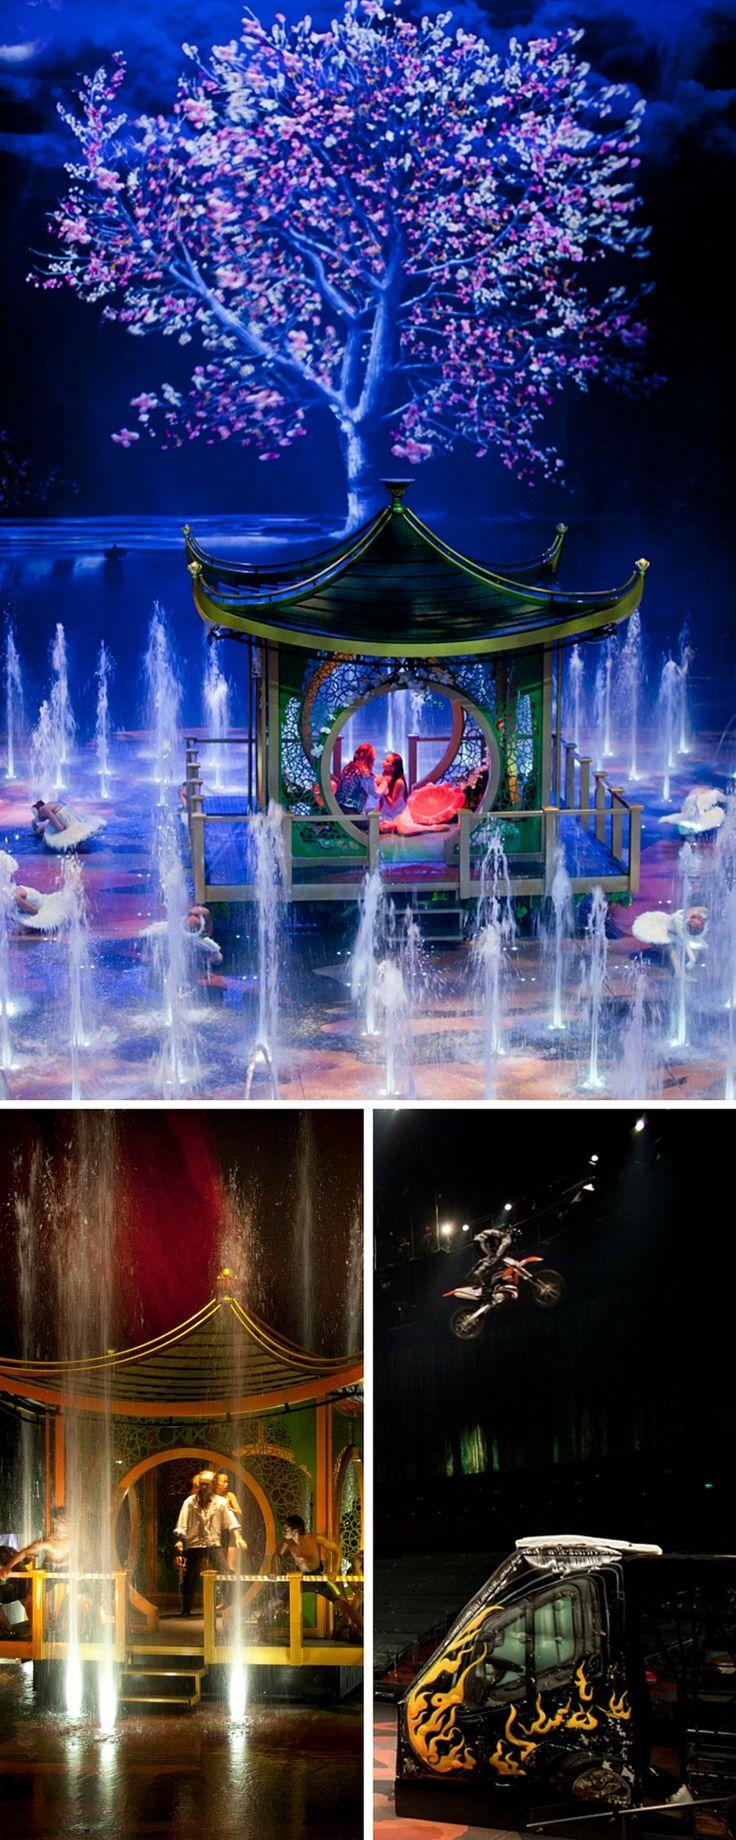 House of Dancing Water in Macau. So stunning!